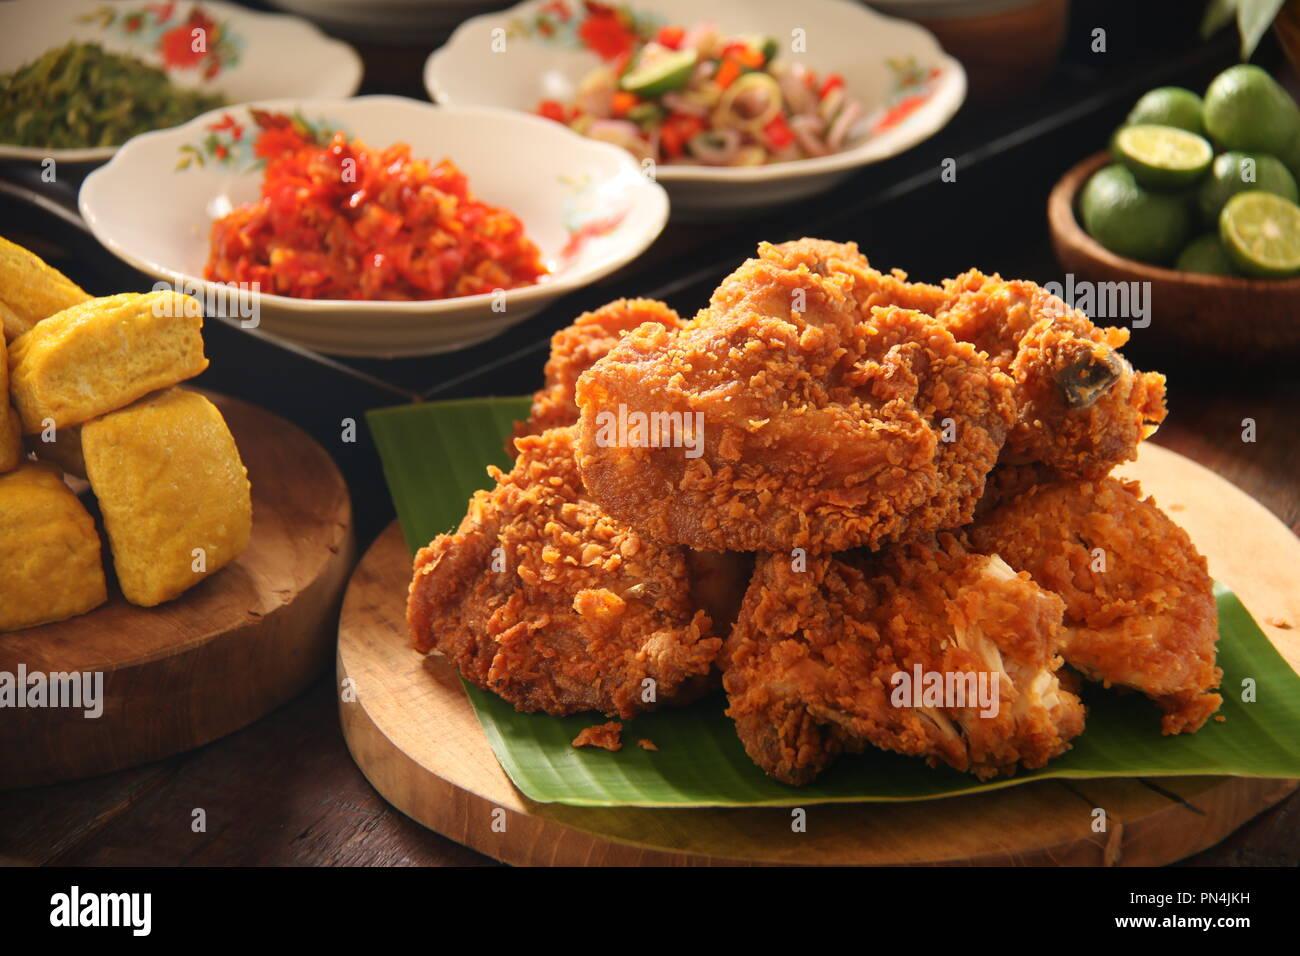 Andaliman Pepper Photos Images Alamy Sambal Sichuan Peppercorns Geprek Ayam Lalimentation De Rue Fusion Poulet Frit Du Sud Avec